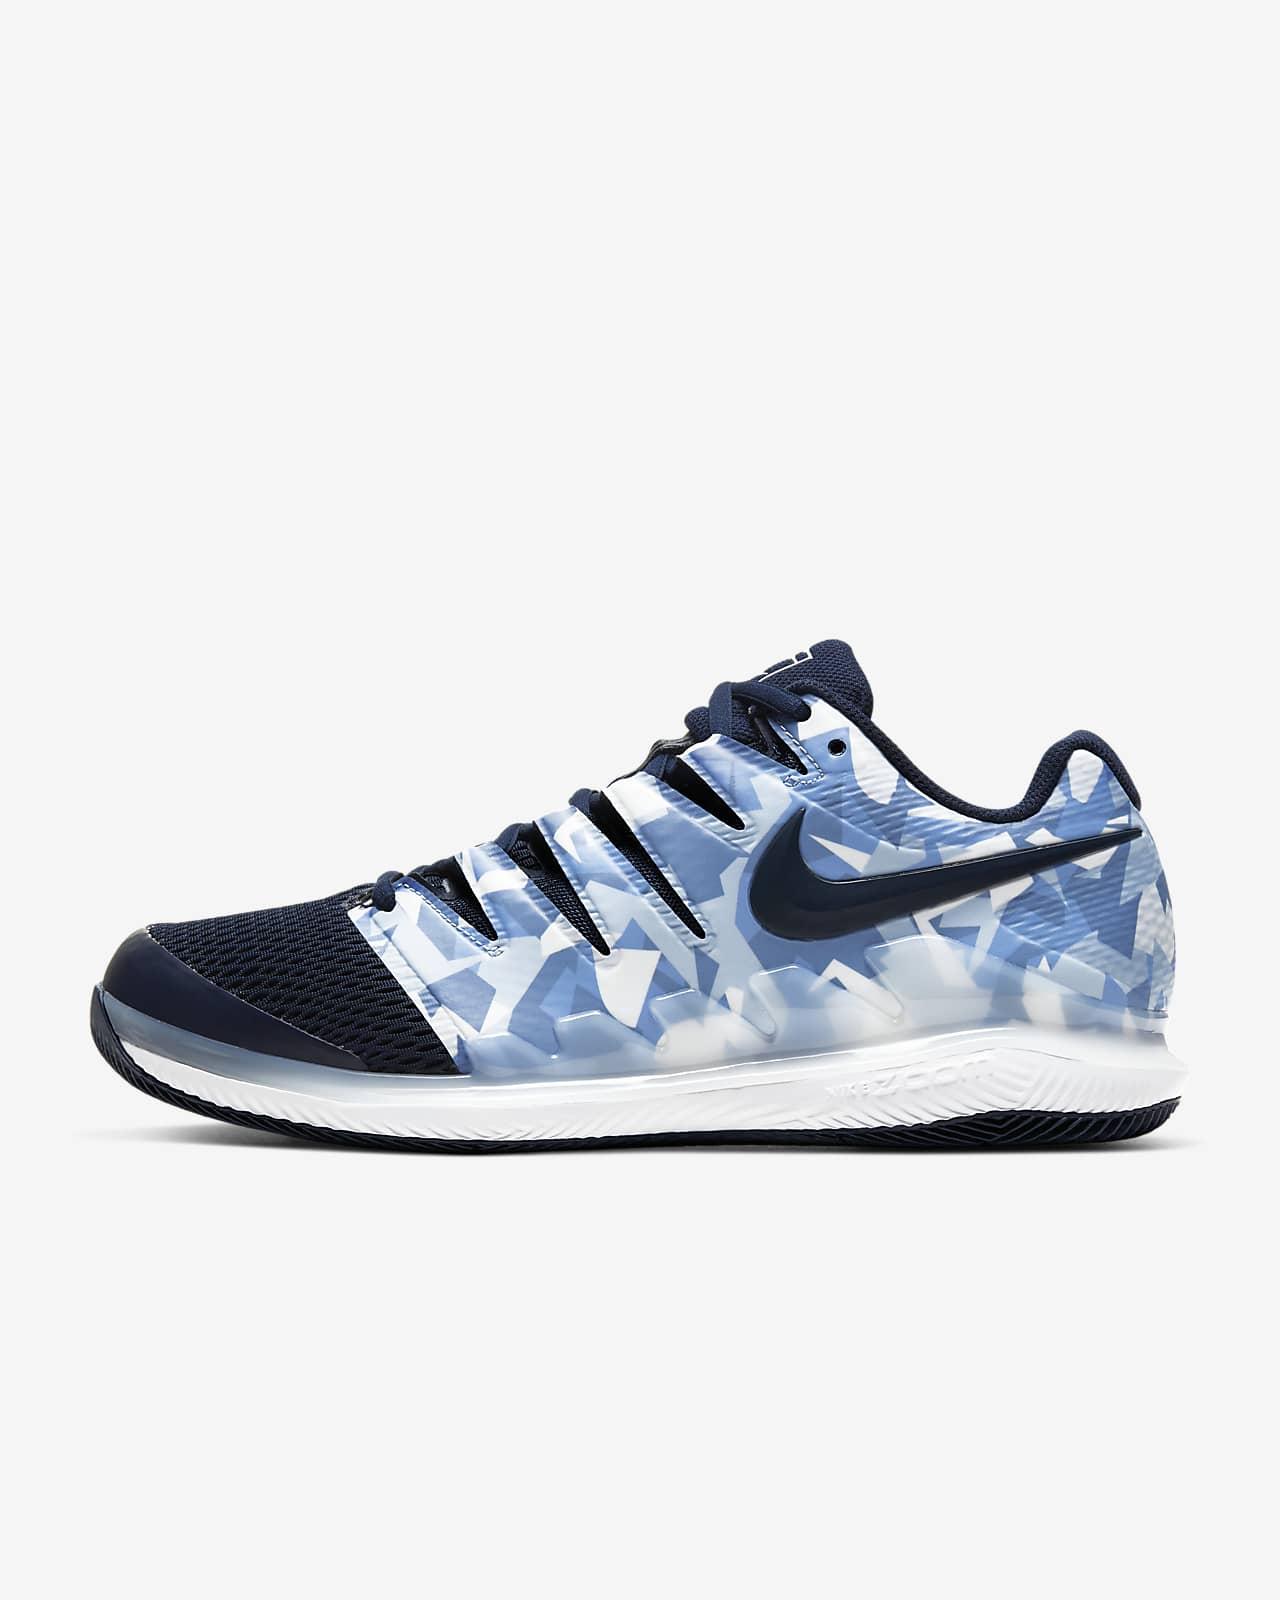 รองเท้าเทนนิสฮาร์ดคอร์ทผู้ชาย NikeCourt Air Zoom Vapor X